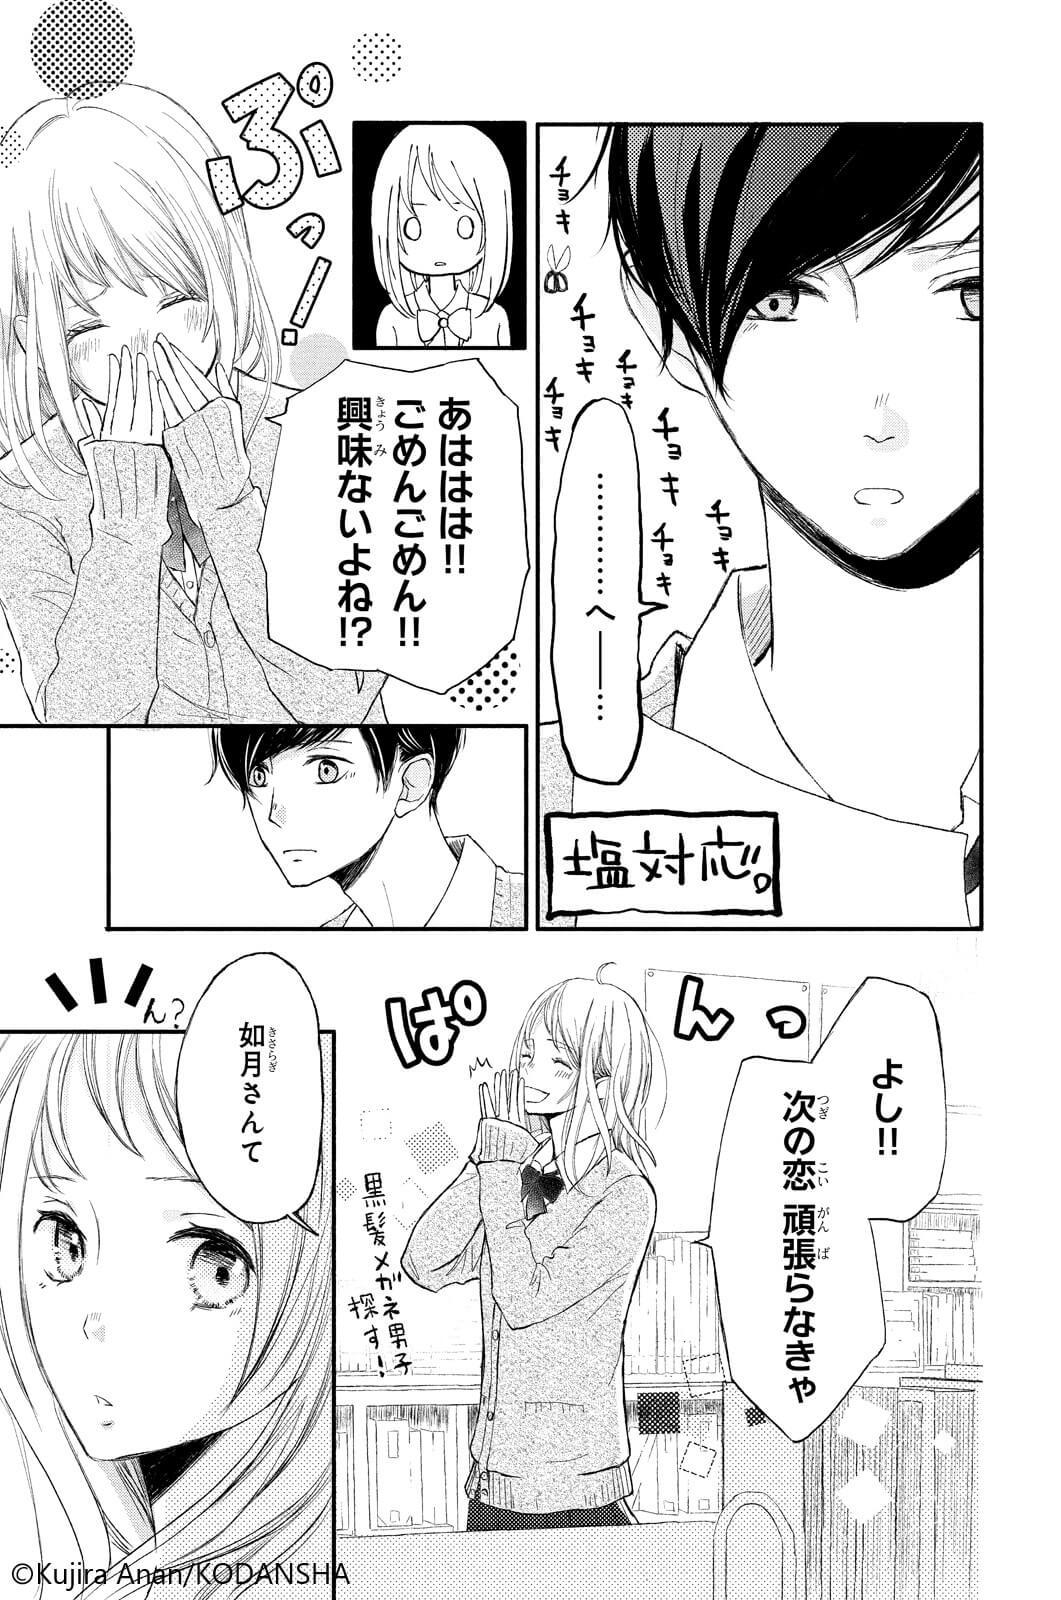 片思いごっこ3-2